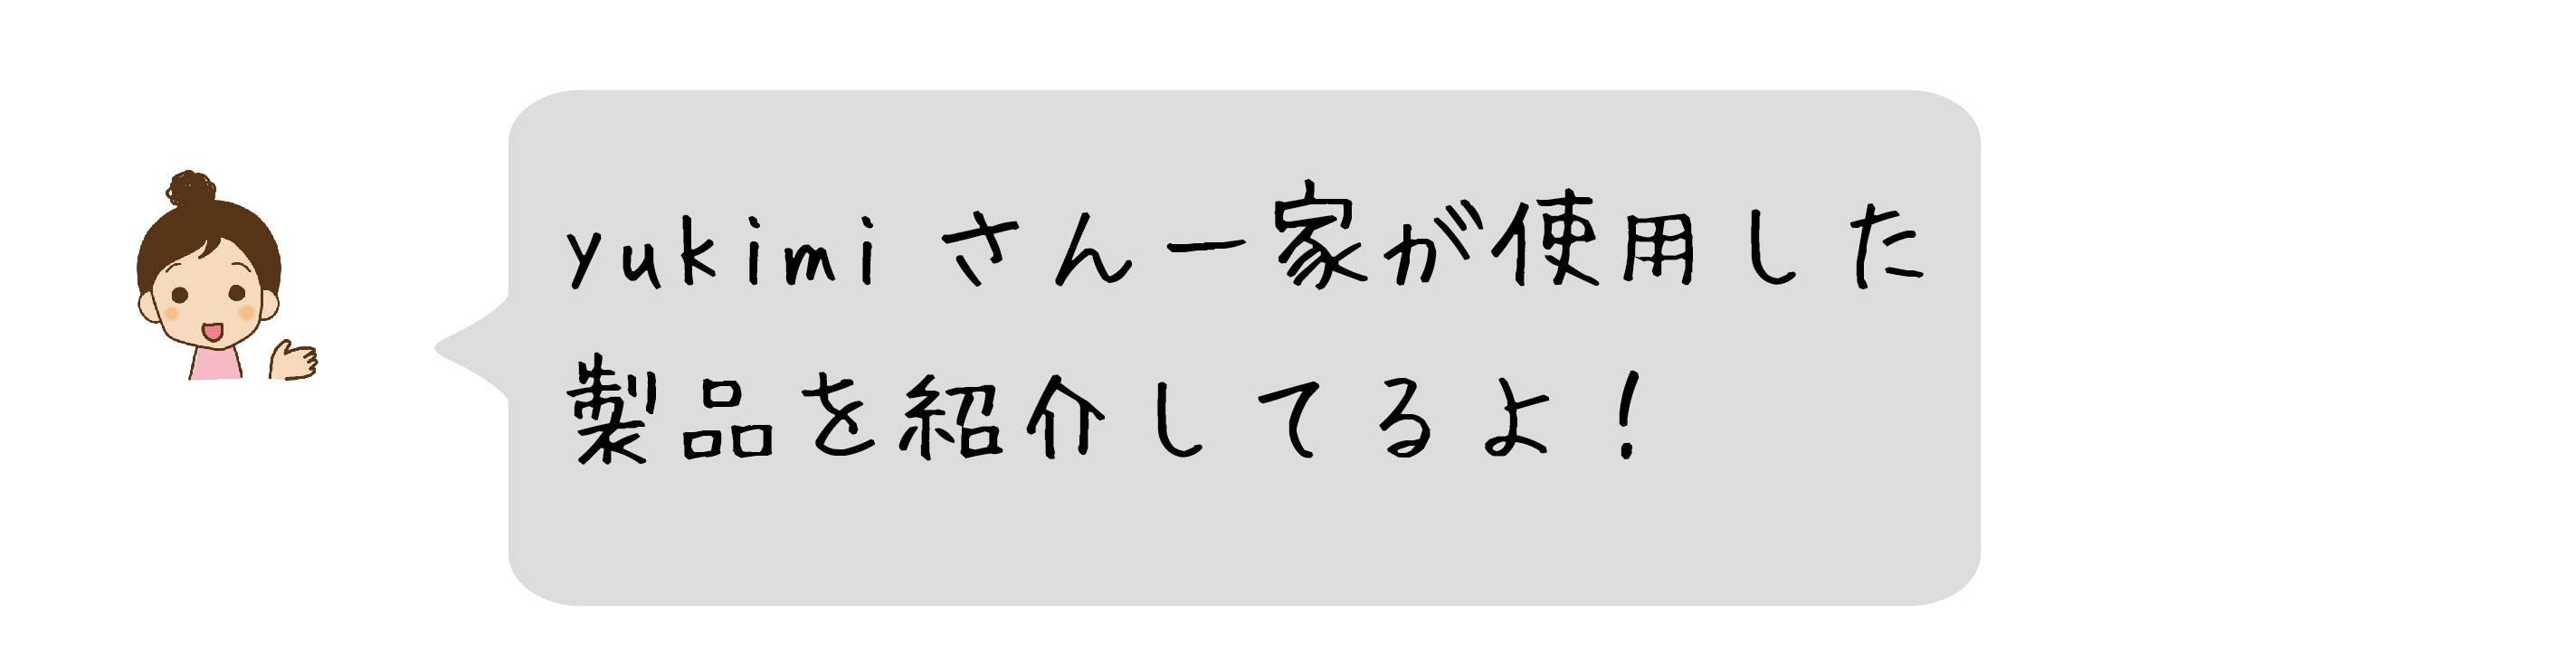 yukimiさん一家が使用した製品